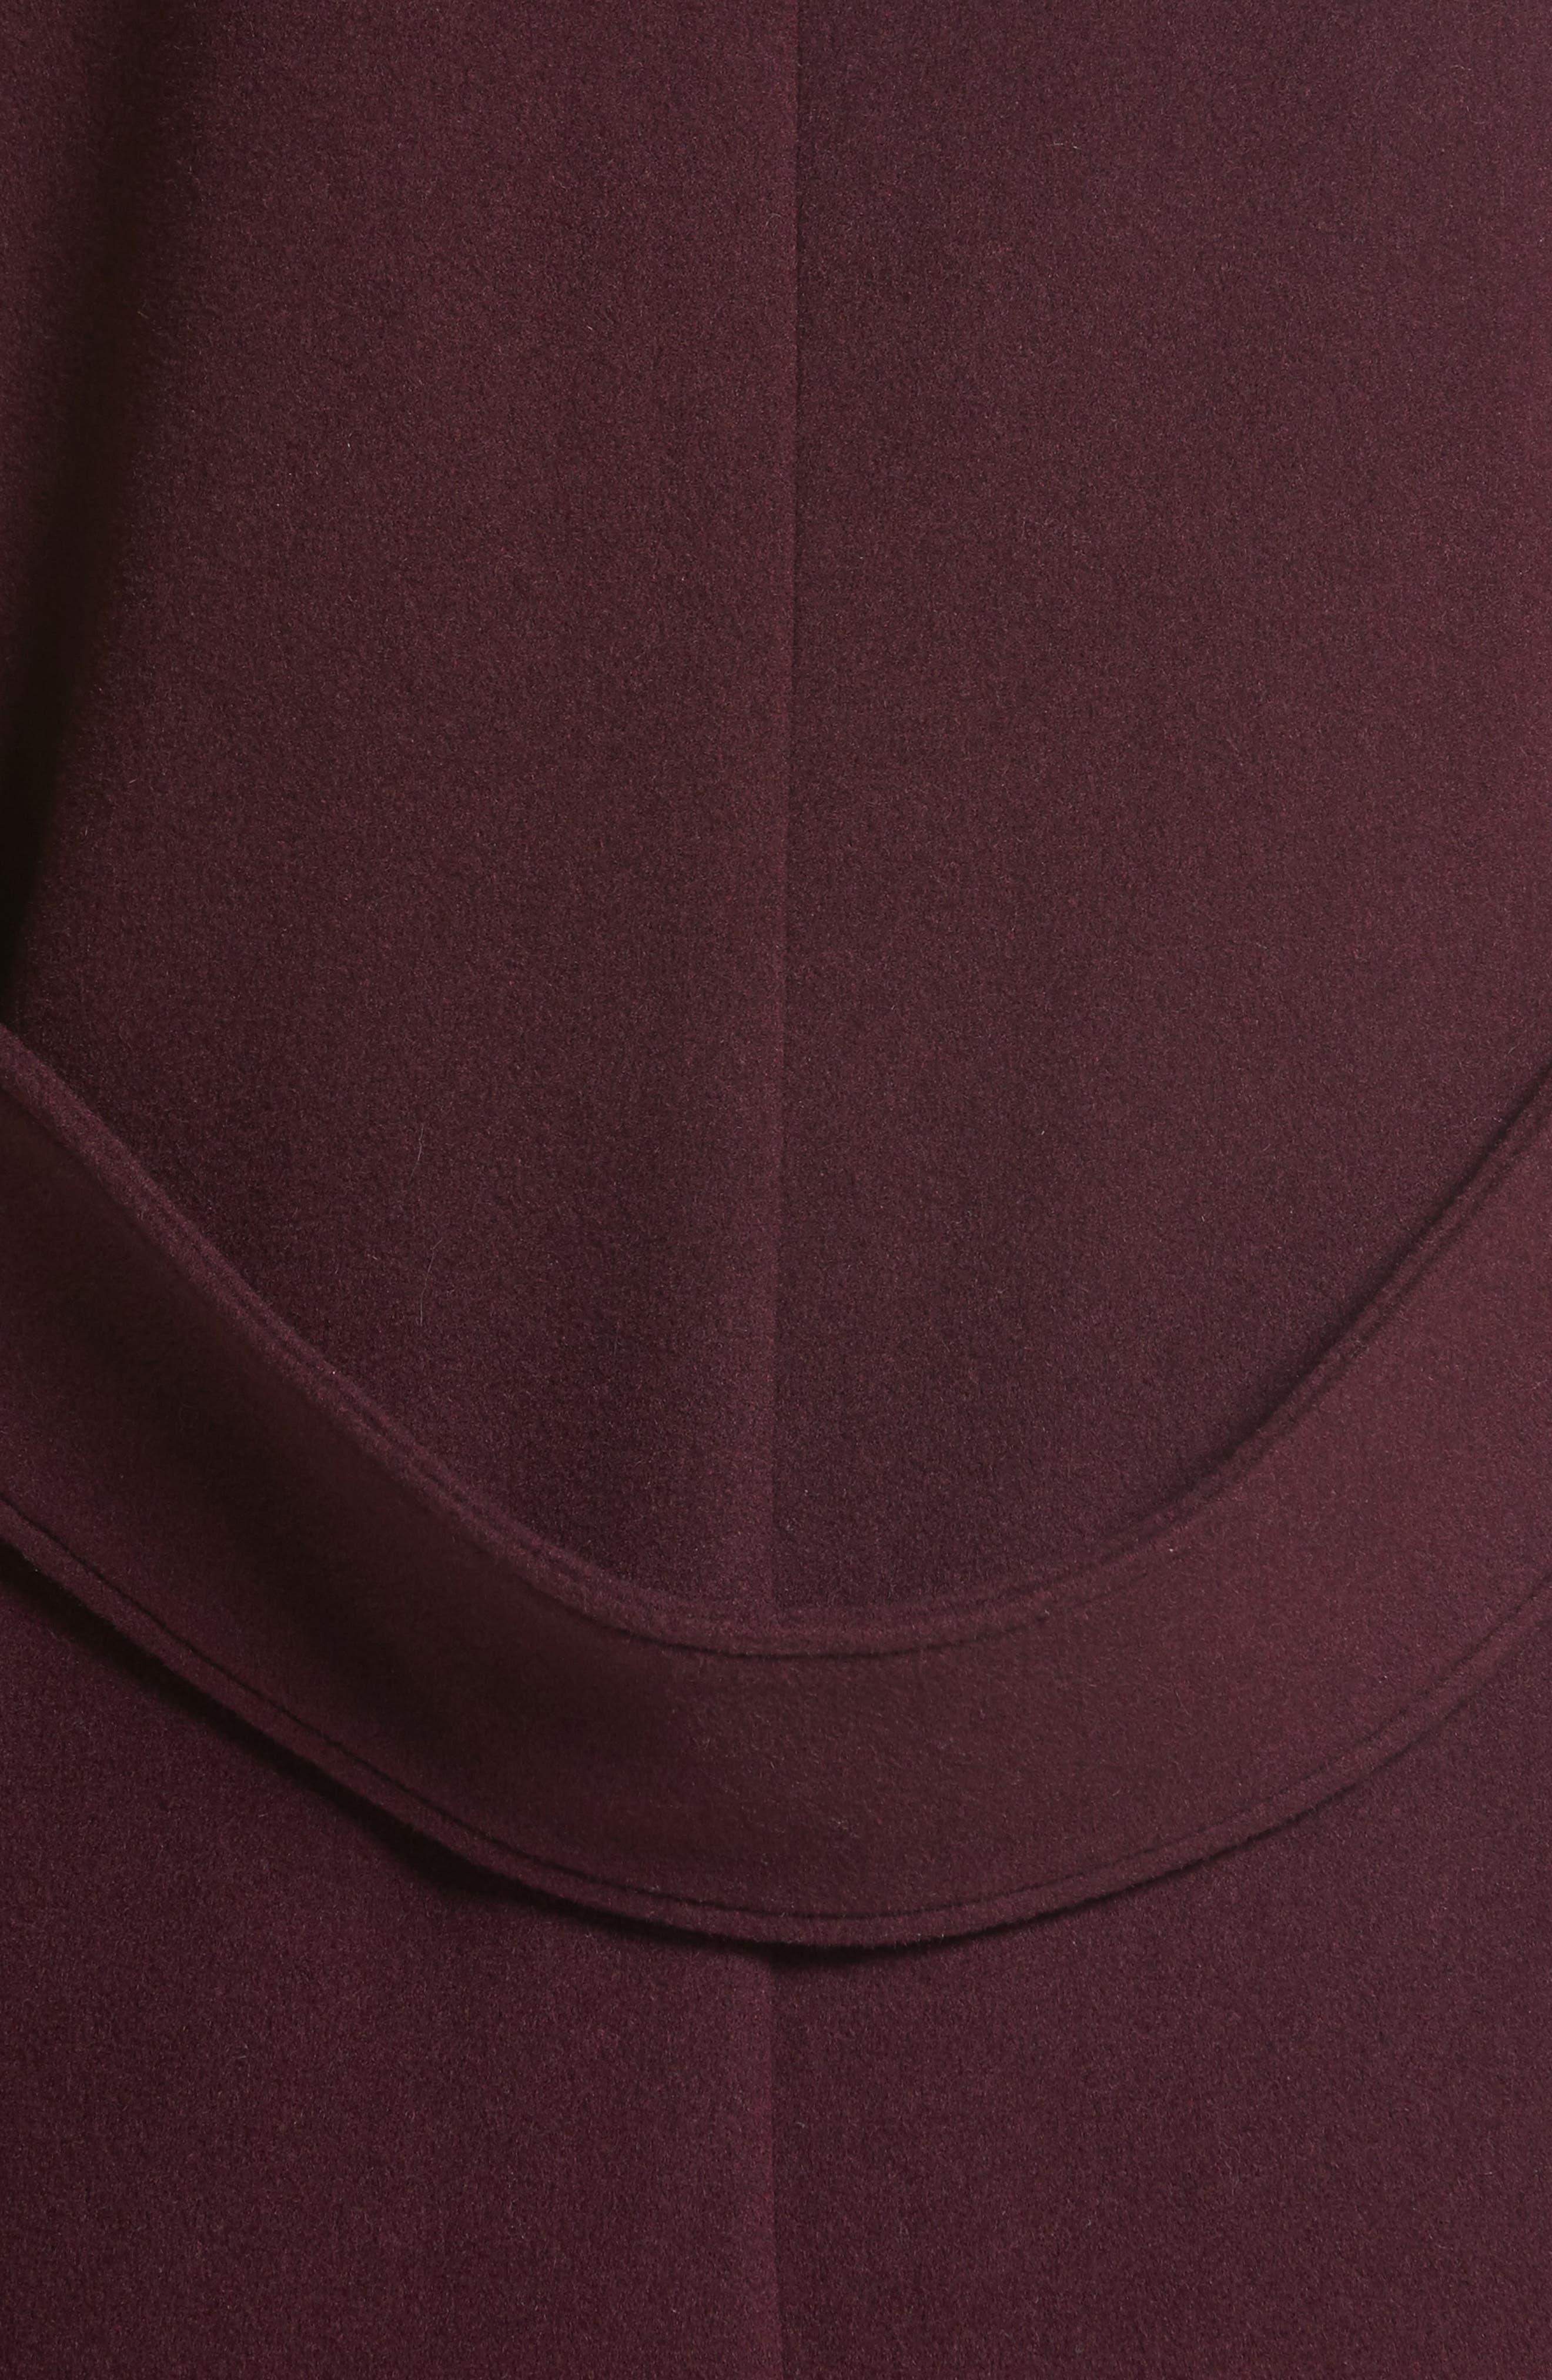 Cairndale Knit Trim Cashmere Coat,                             Alternate thumbnail 7, color,                             Black Currant